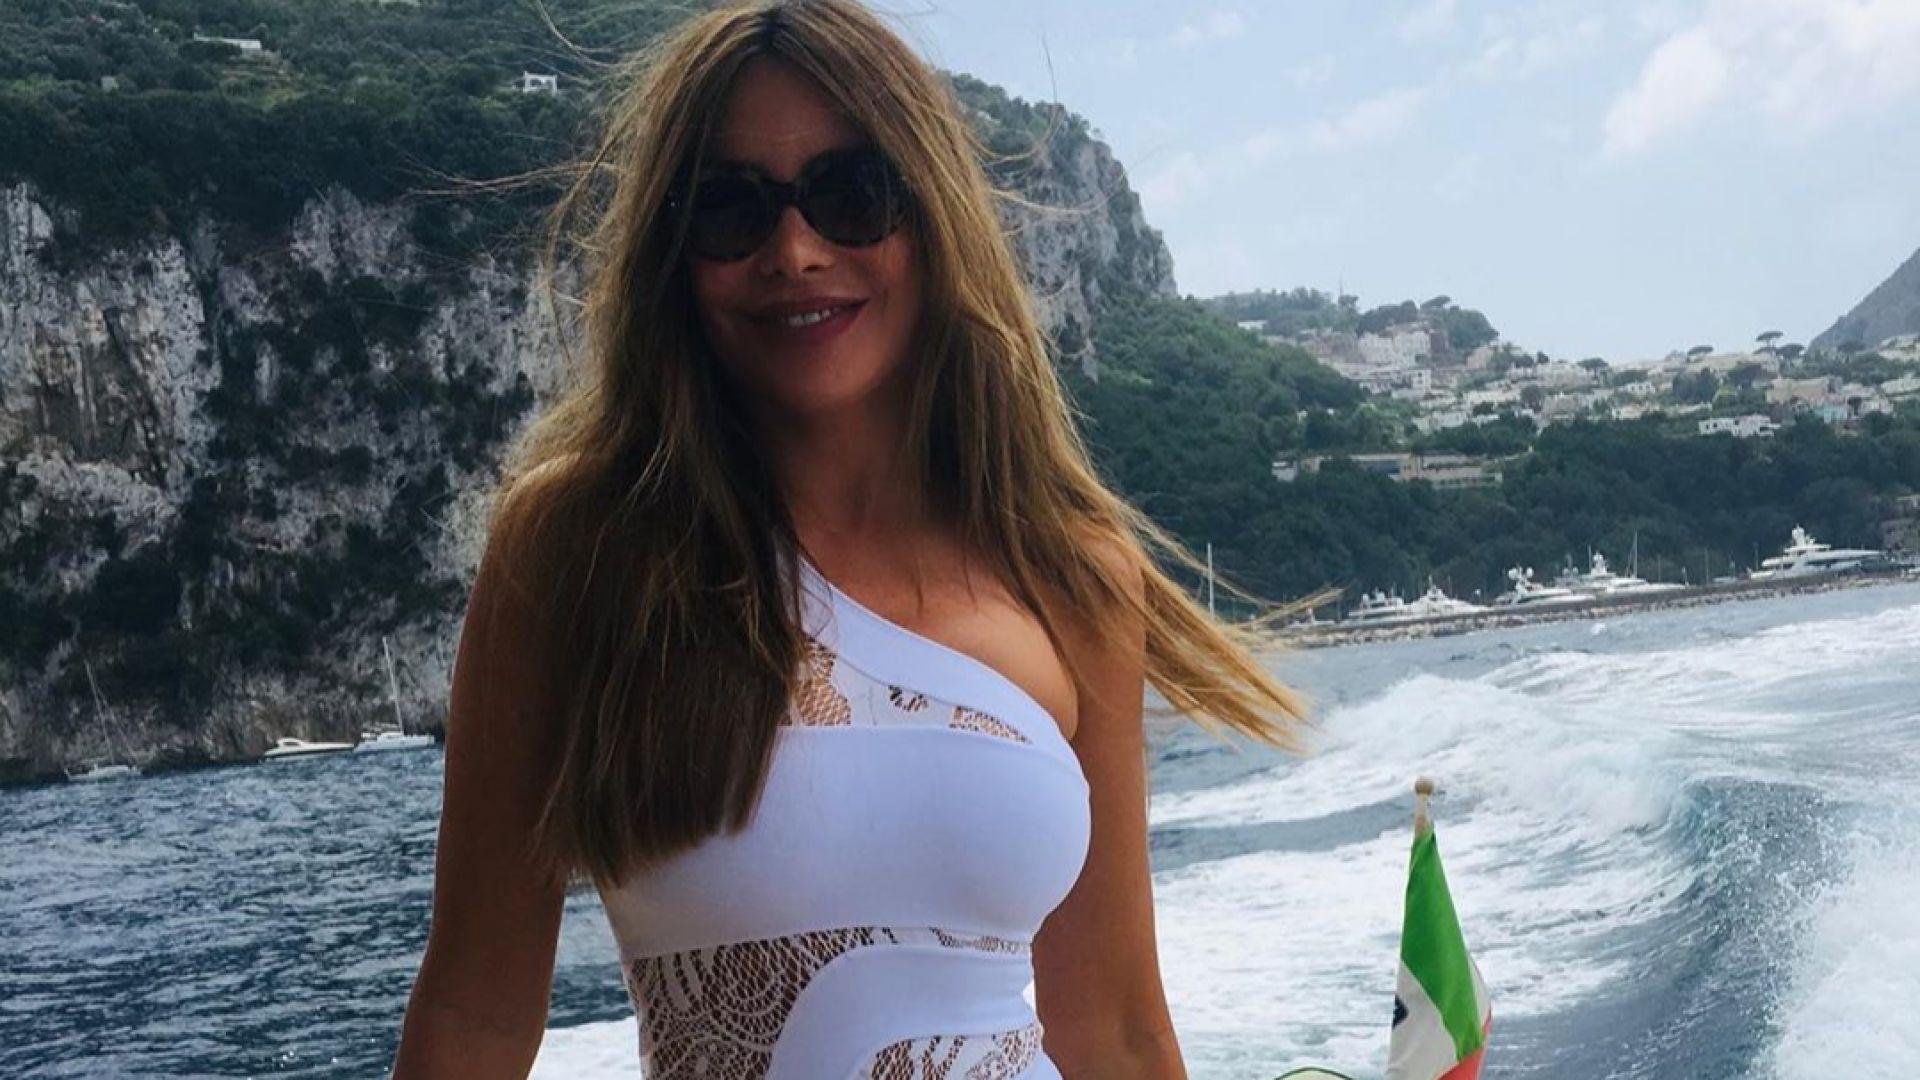 София Вергара отпразнува 47 на остров Капри